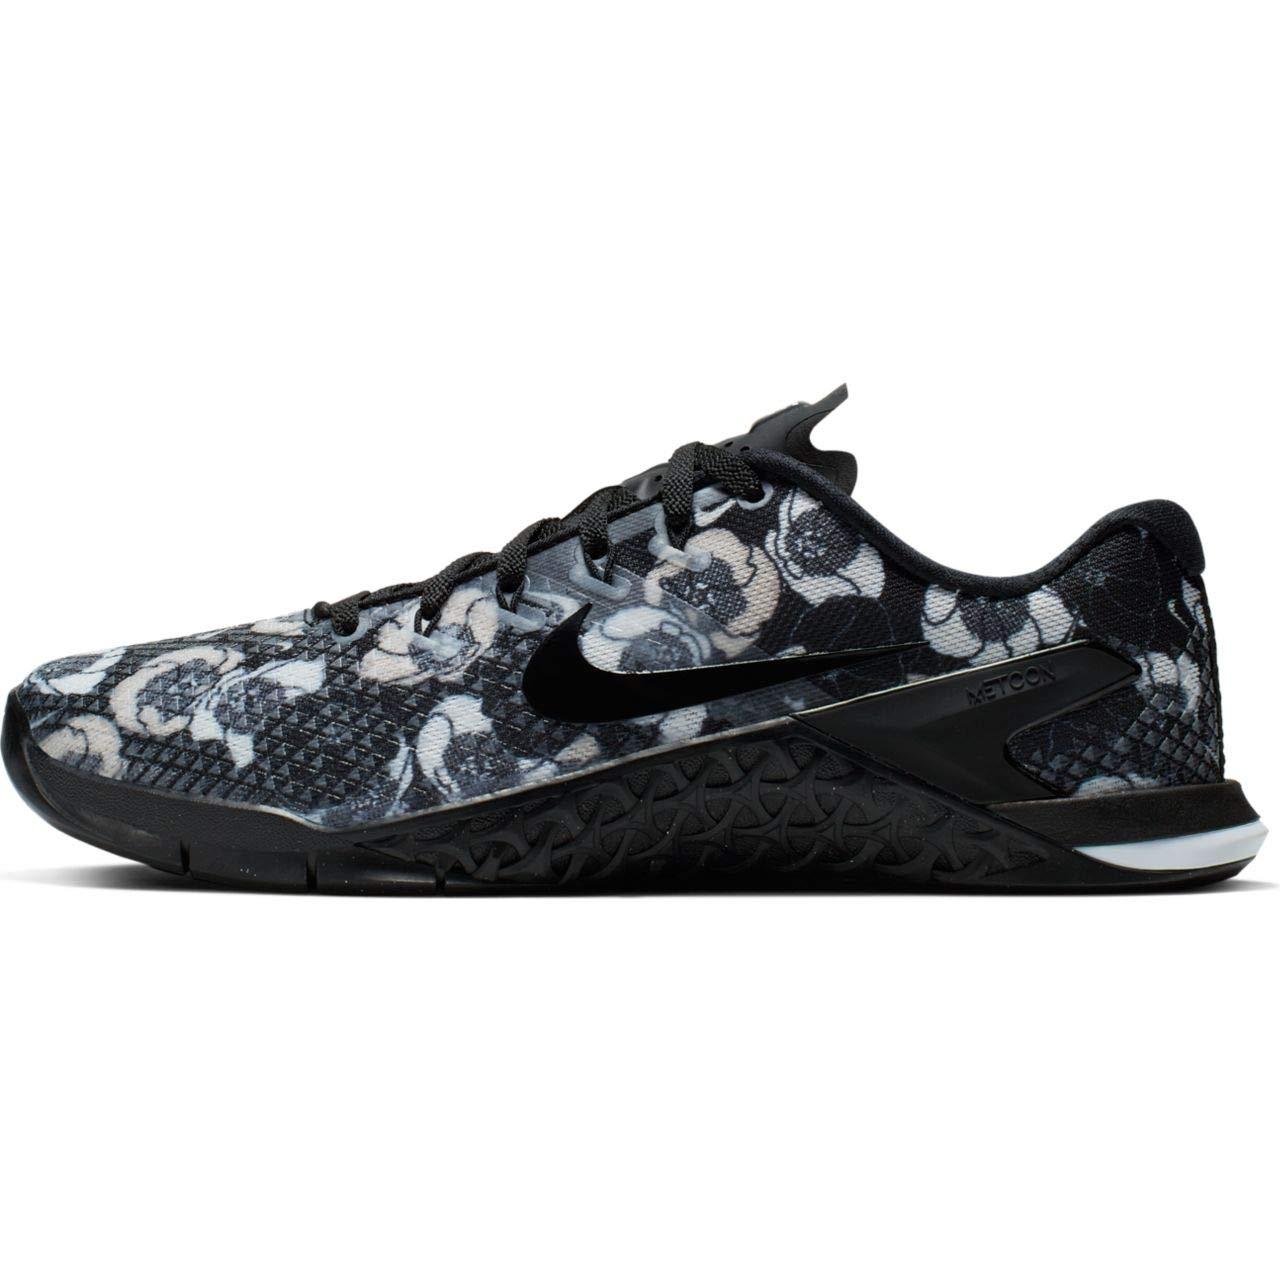 Noir (noir noir blanc 000) 42 EU Nike WMNS Metcon 4 Xd PRM, Chaussures de Fitness Femme